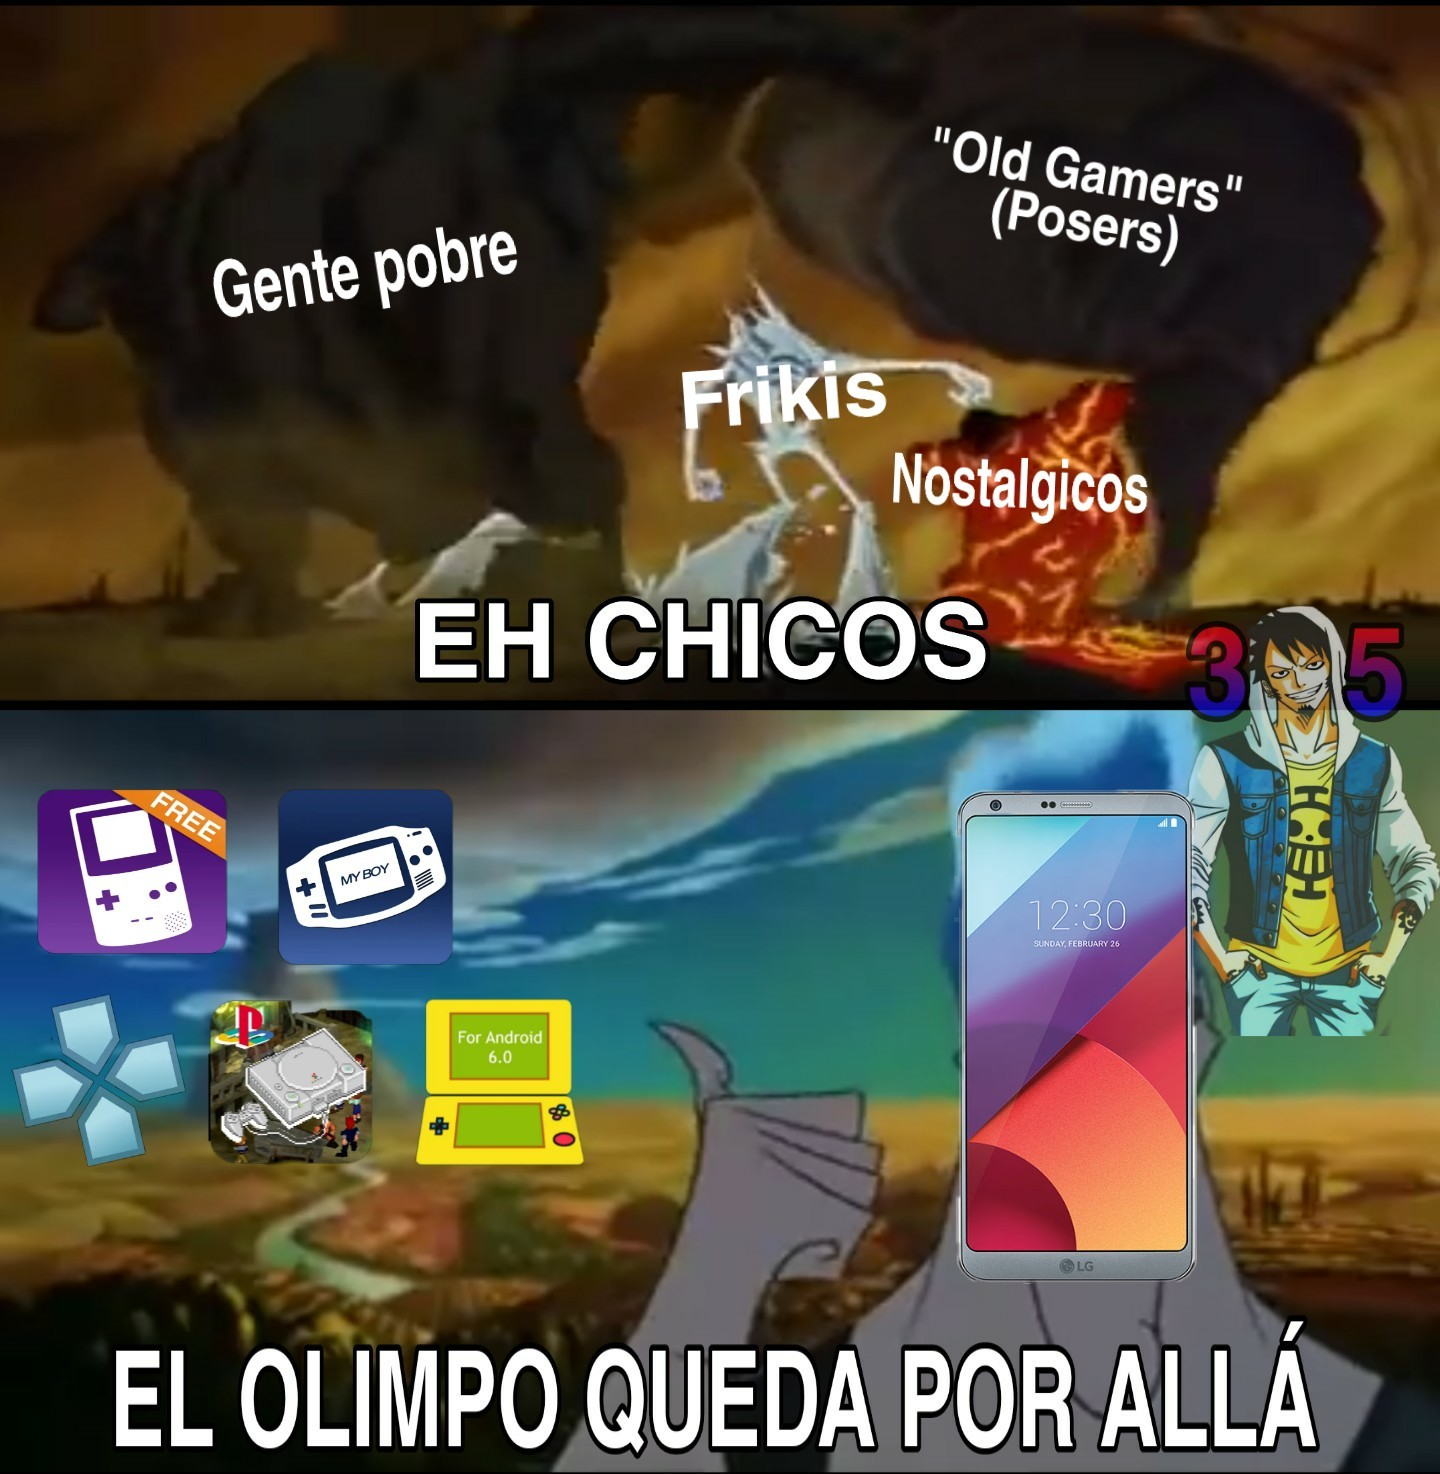 Viva los emuladores - meme